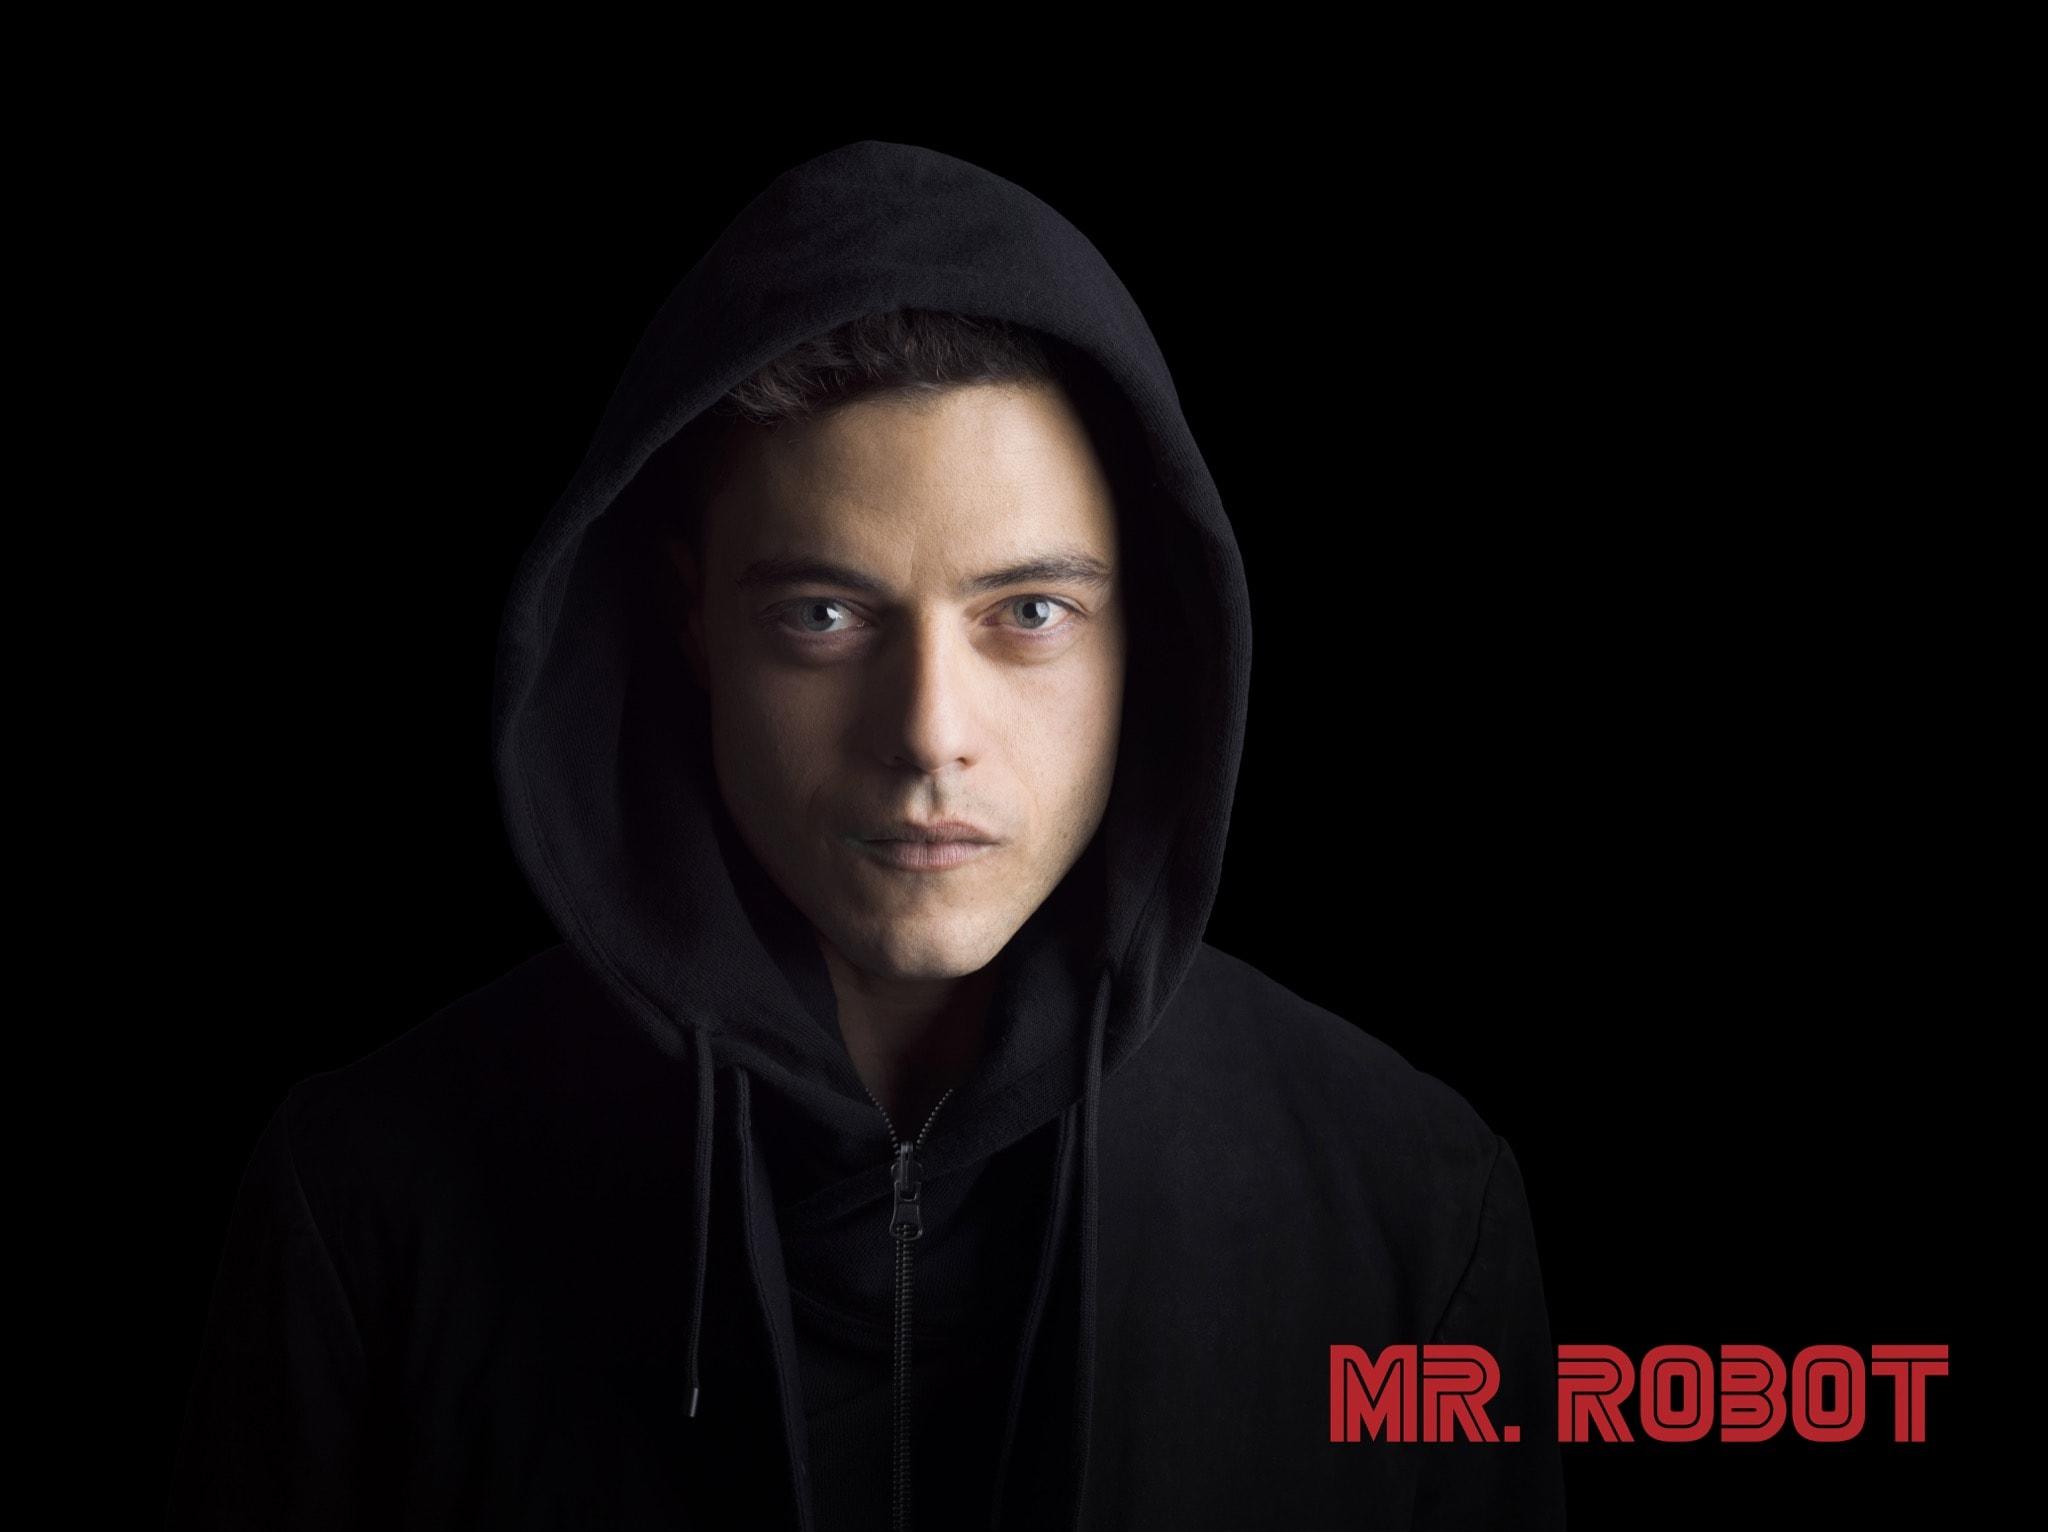 mr-robot-saison-1-affiche